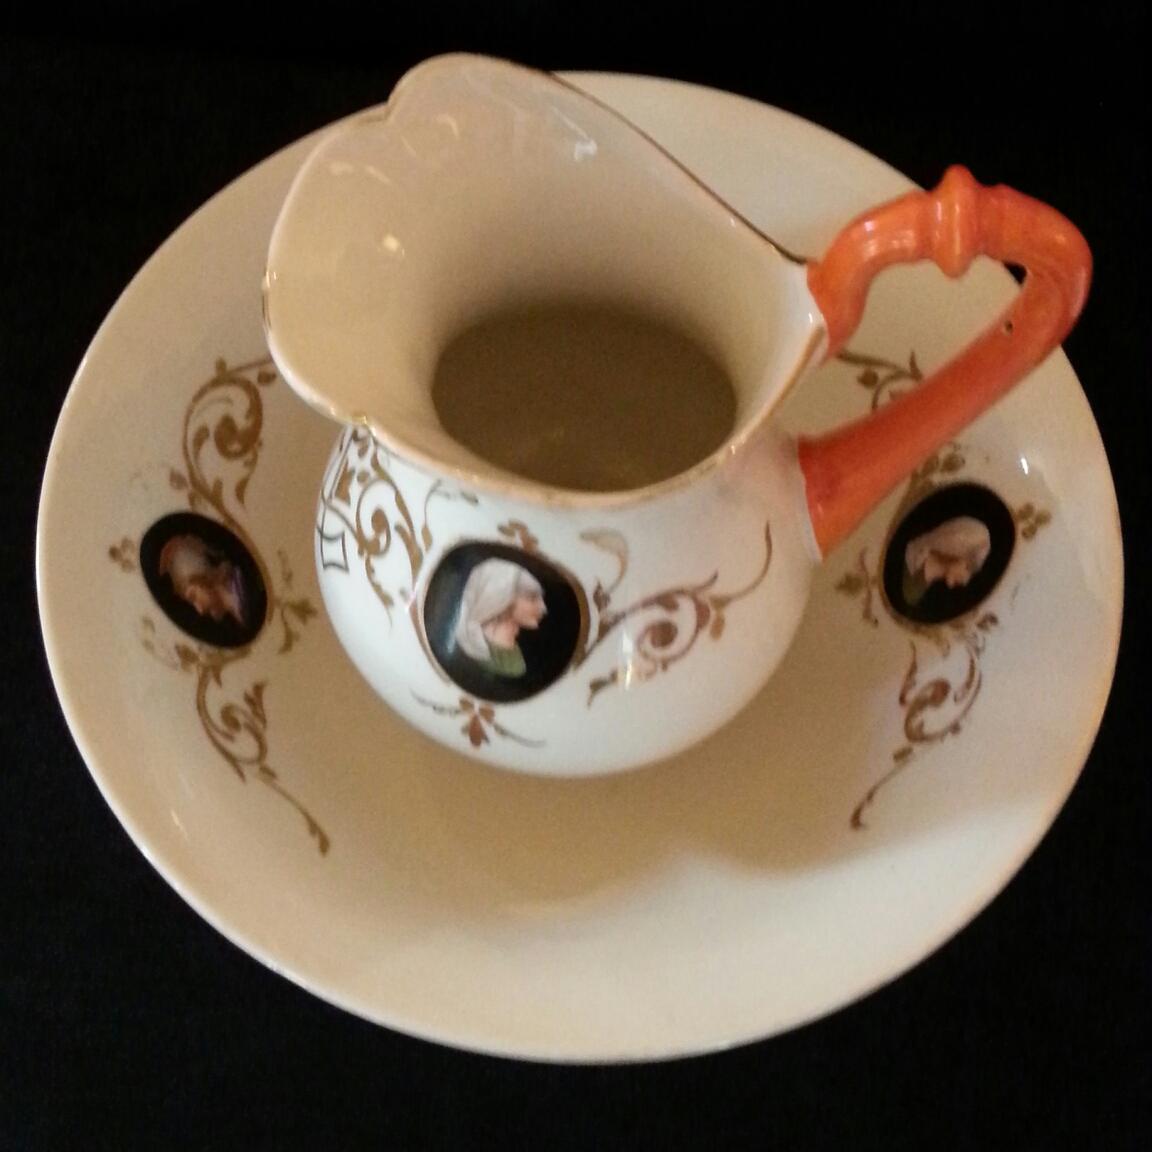 Brot et vasque en porcelaine de paris porcelain for Vasque ancienne en porcelaine